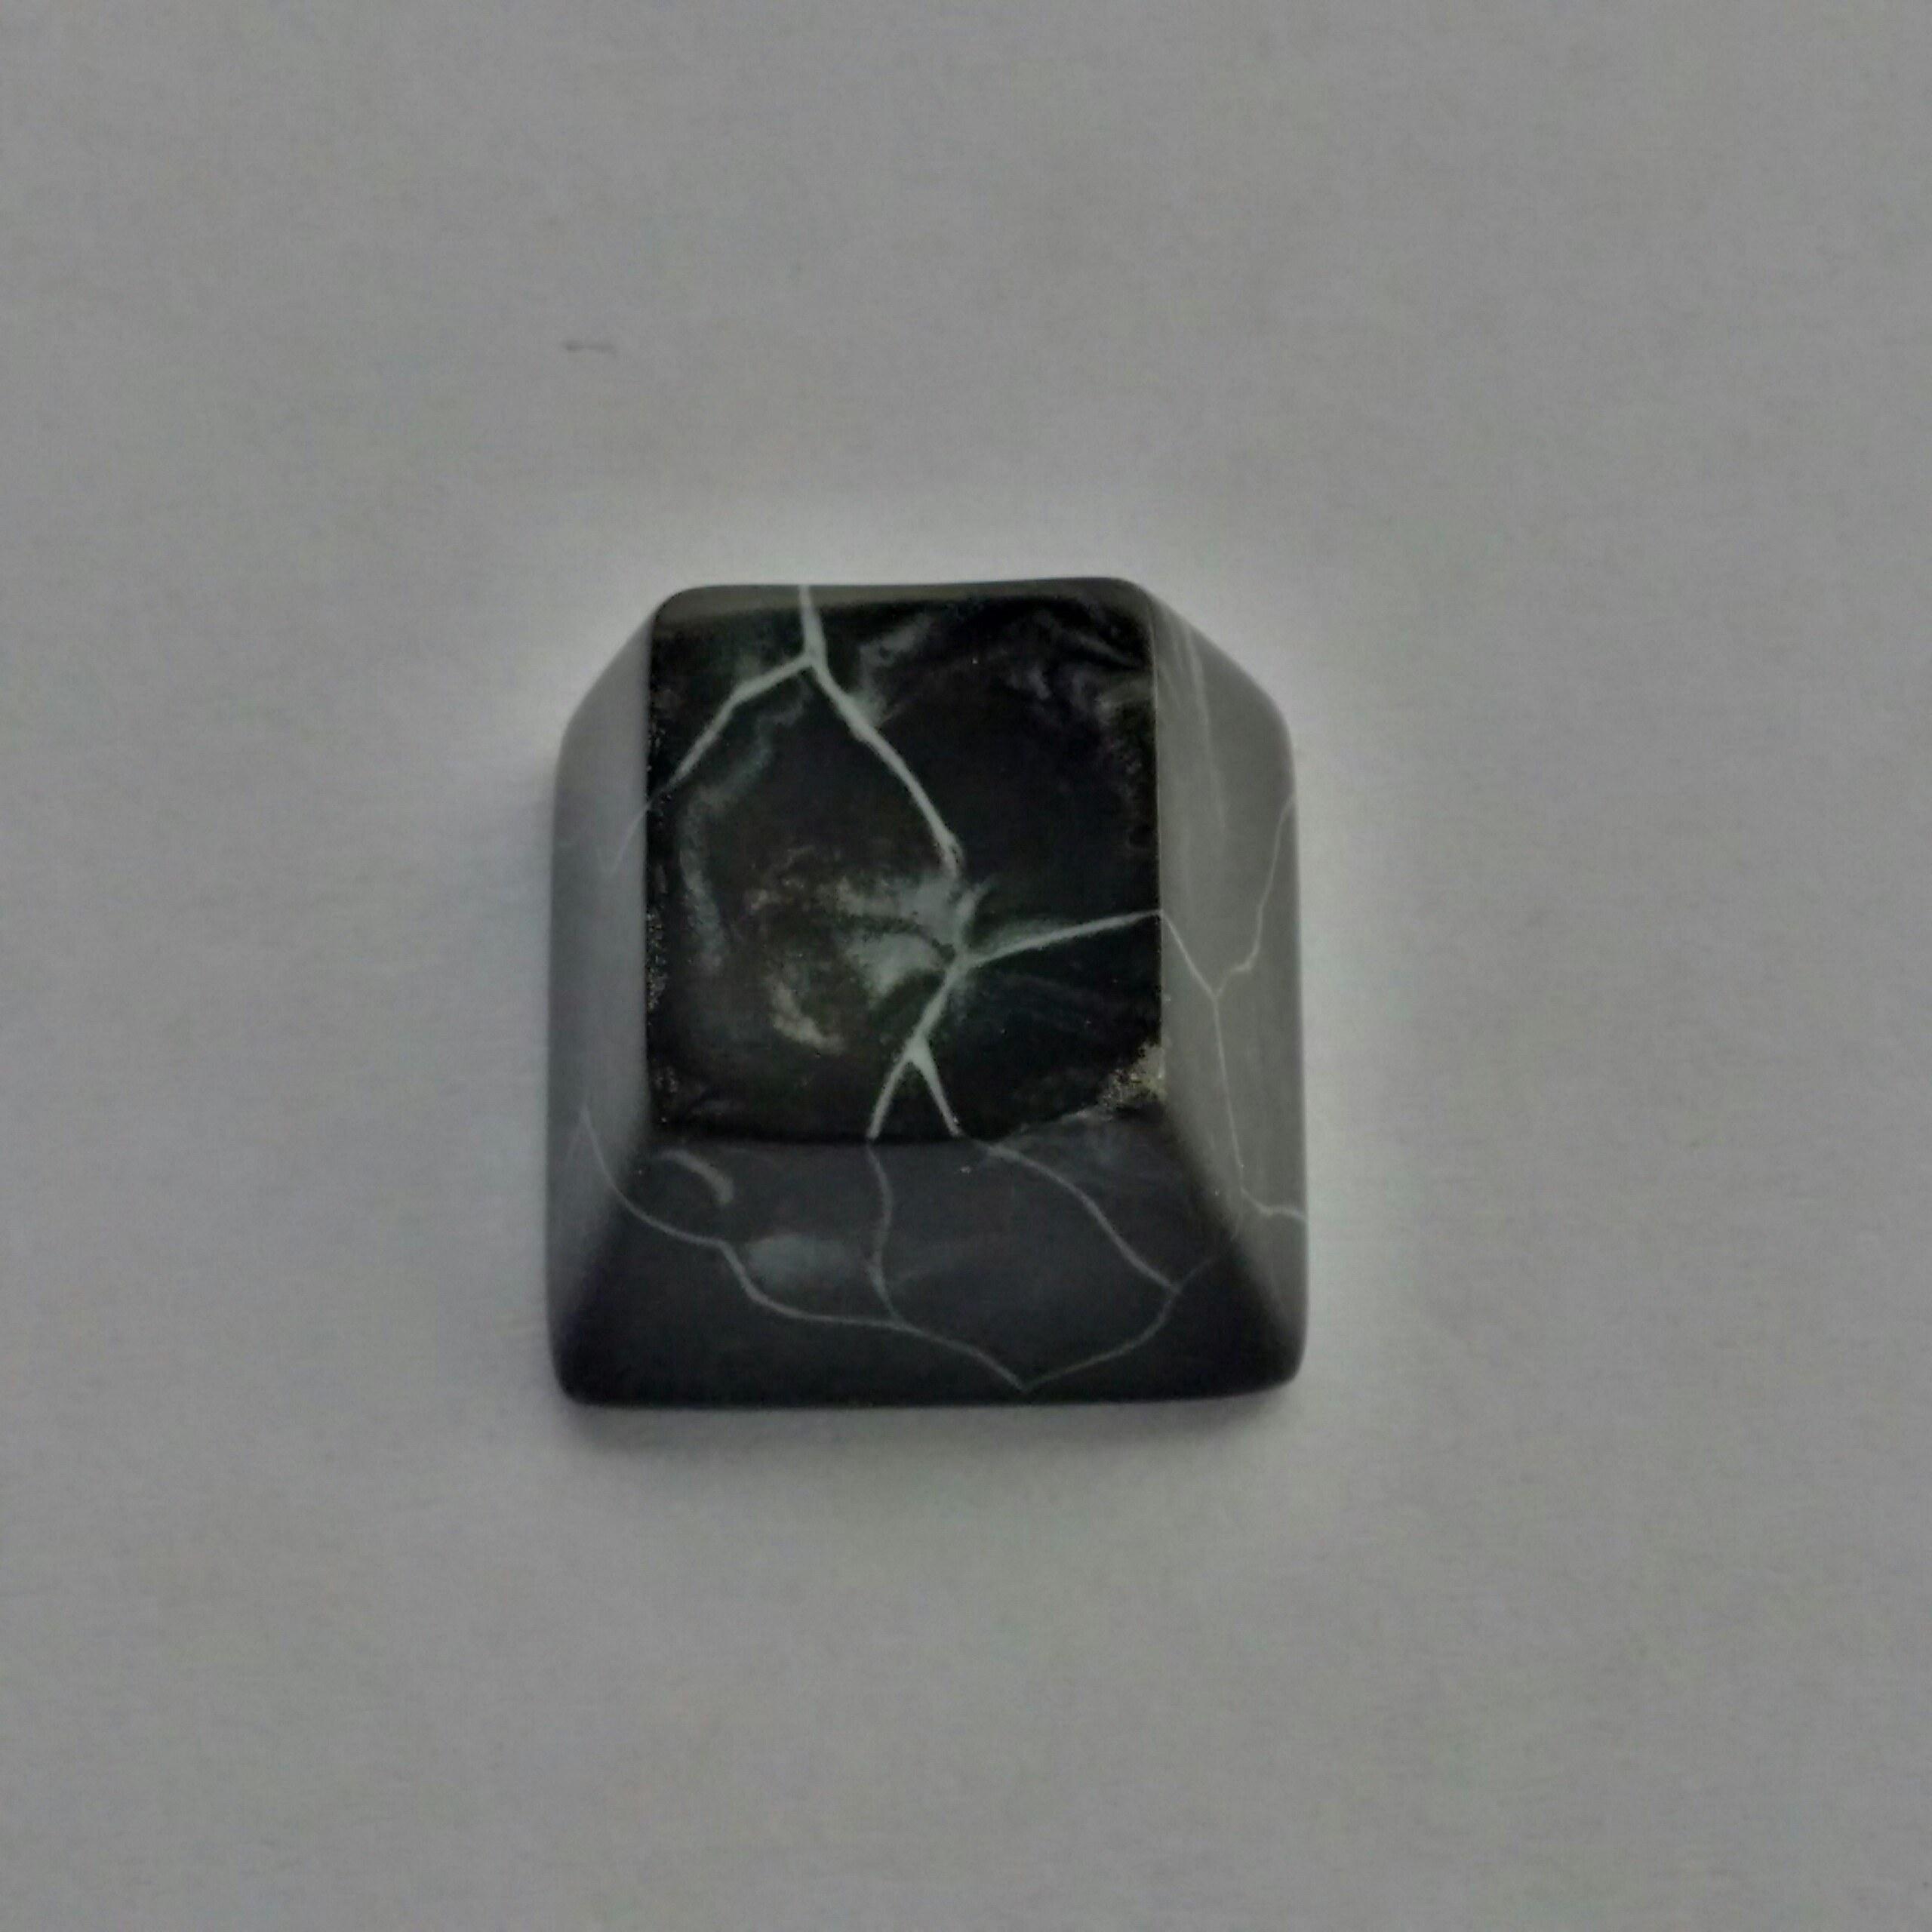 marble-topre-1-black-2